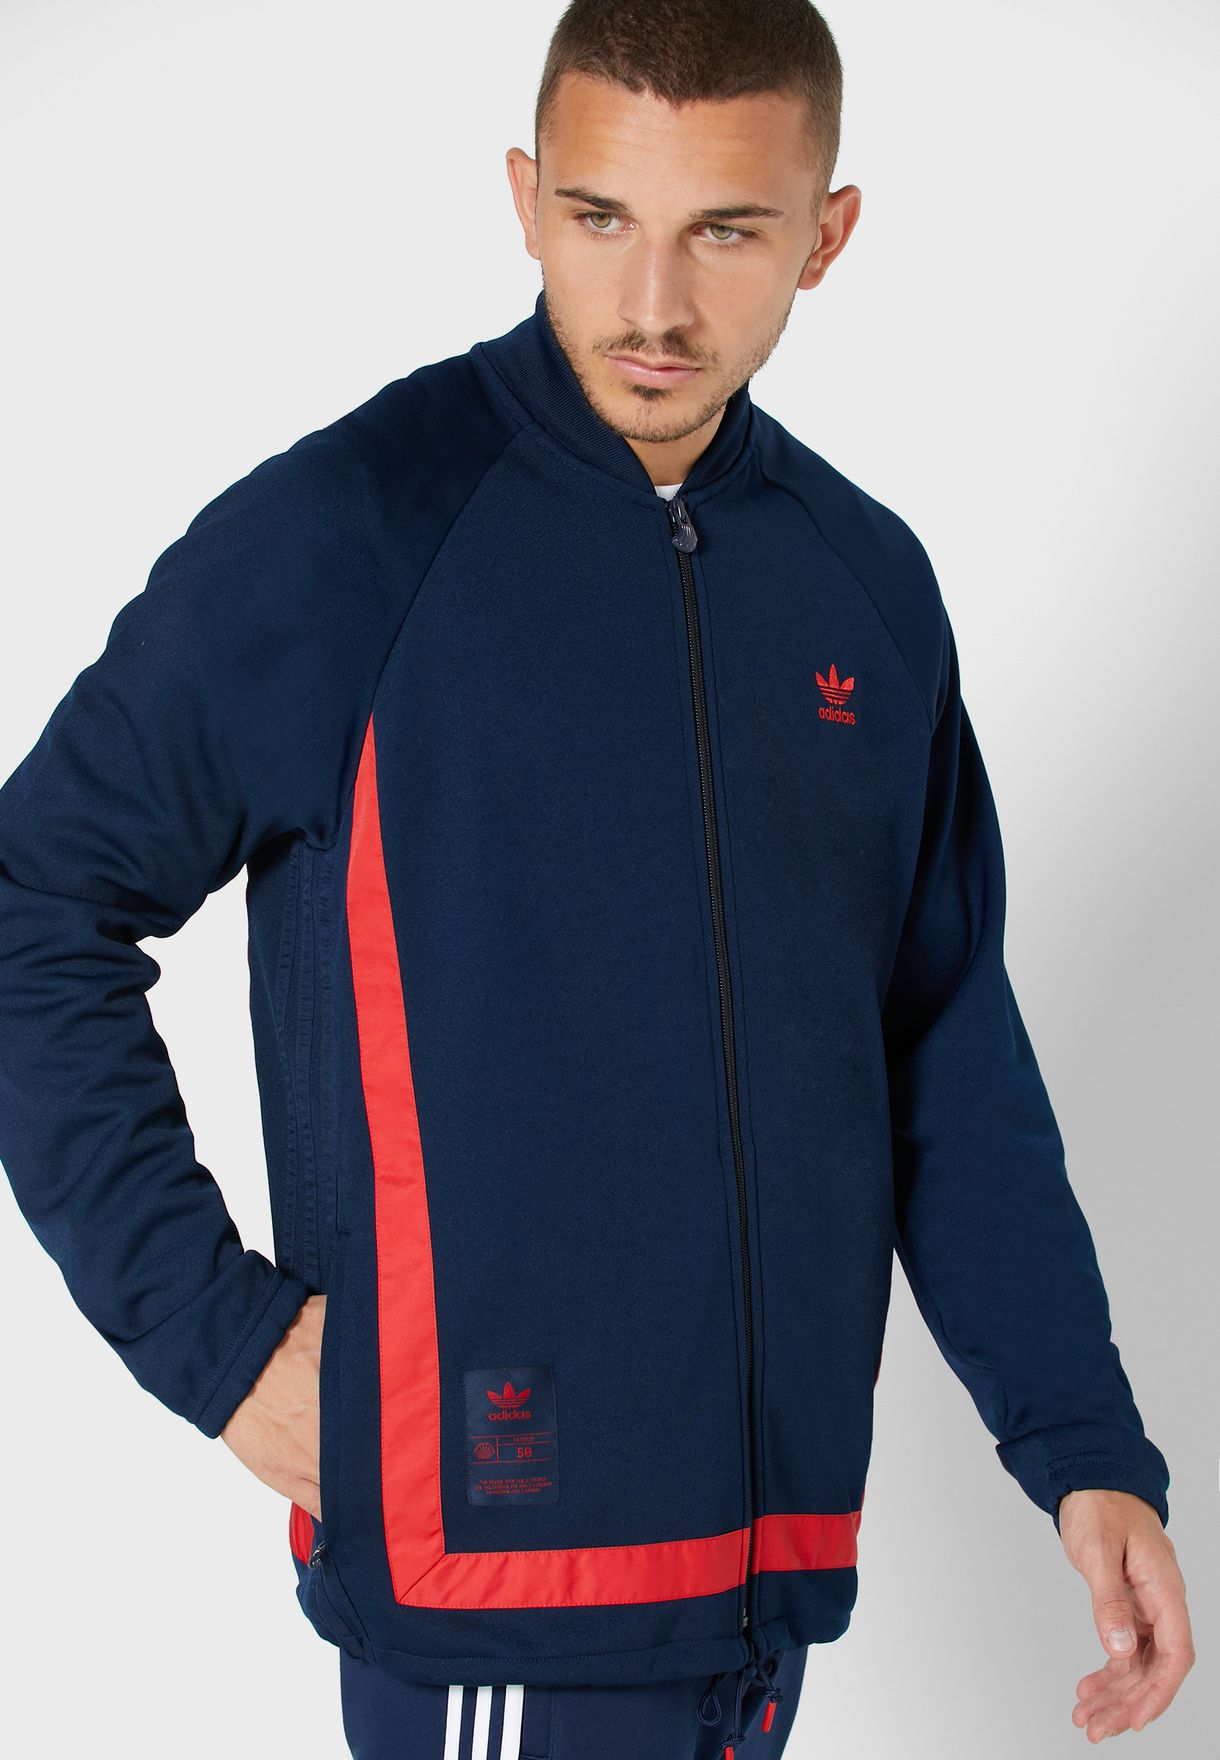 Warm Up Track Jacket